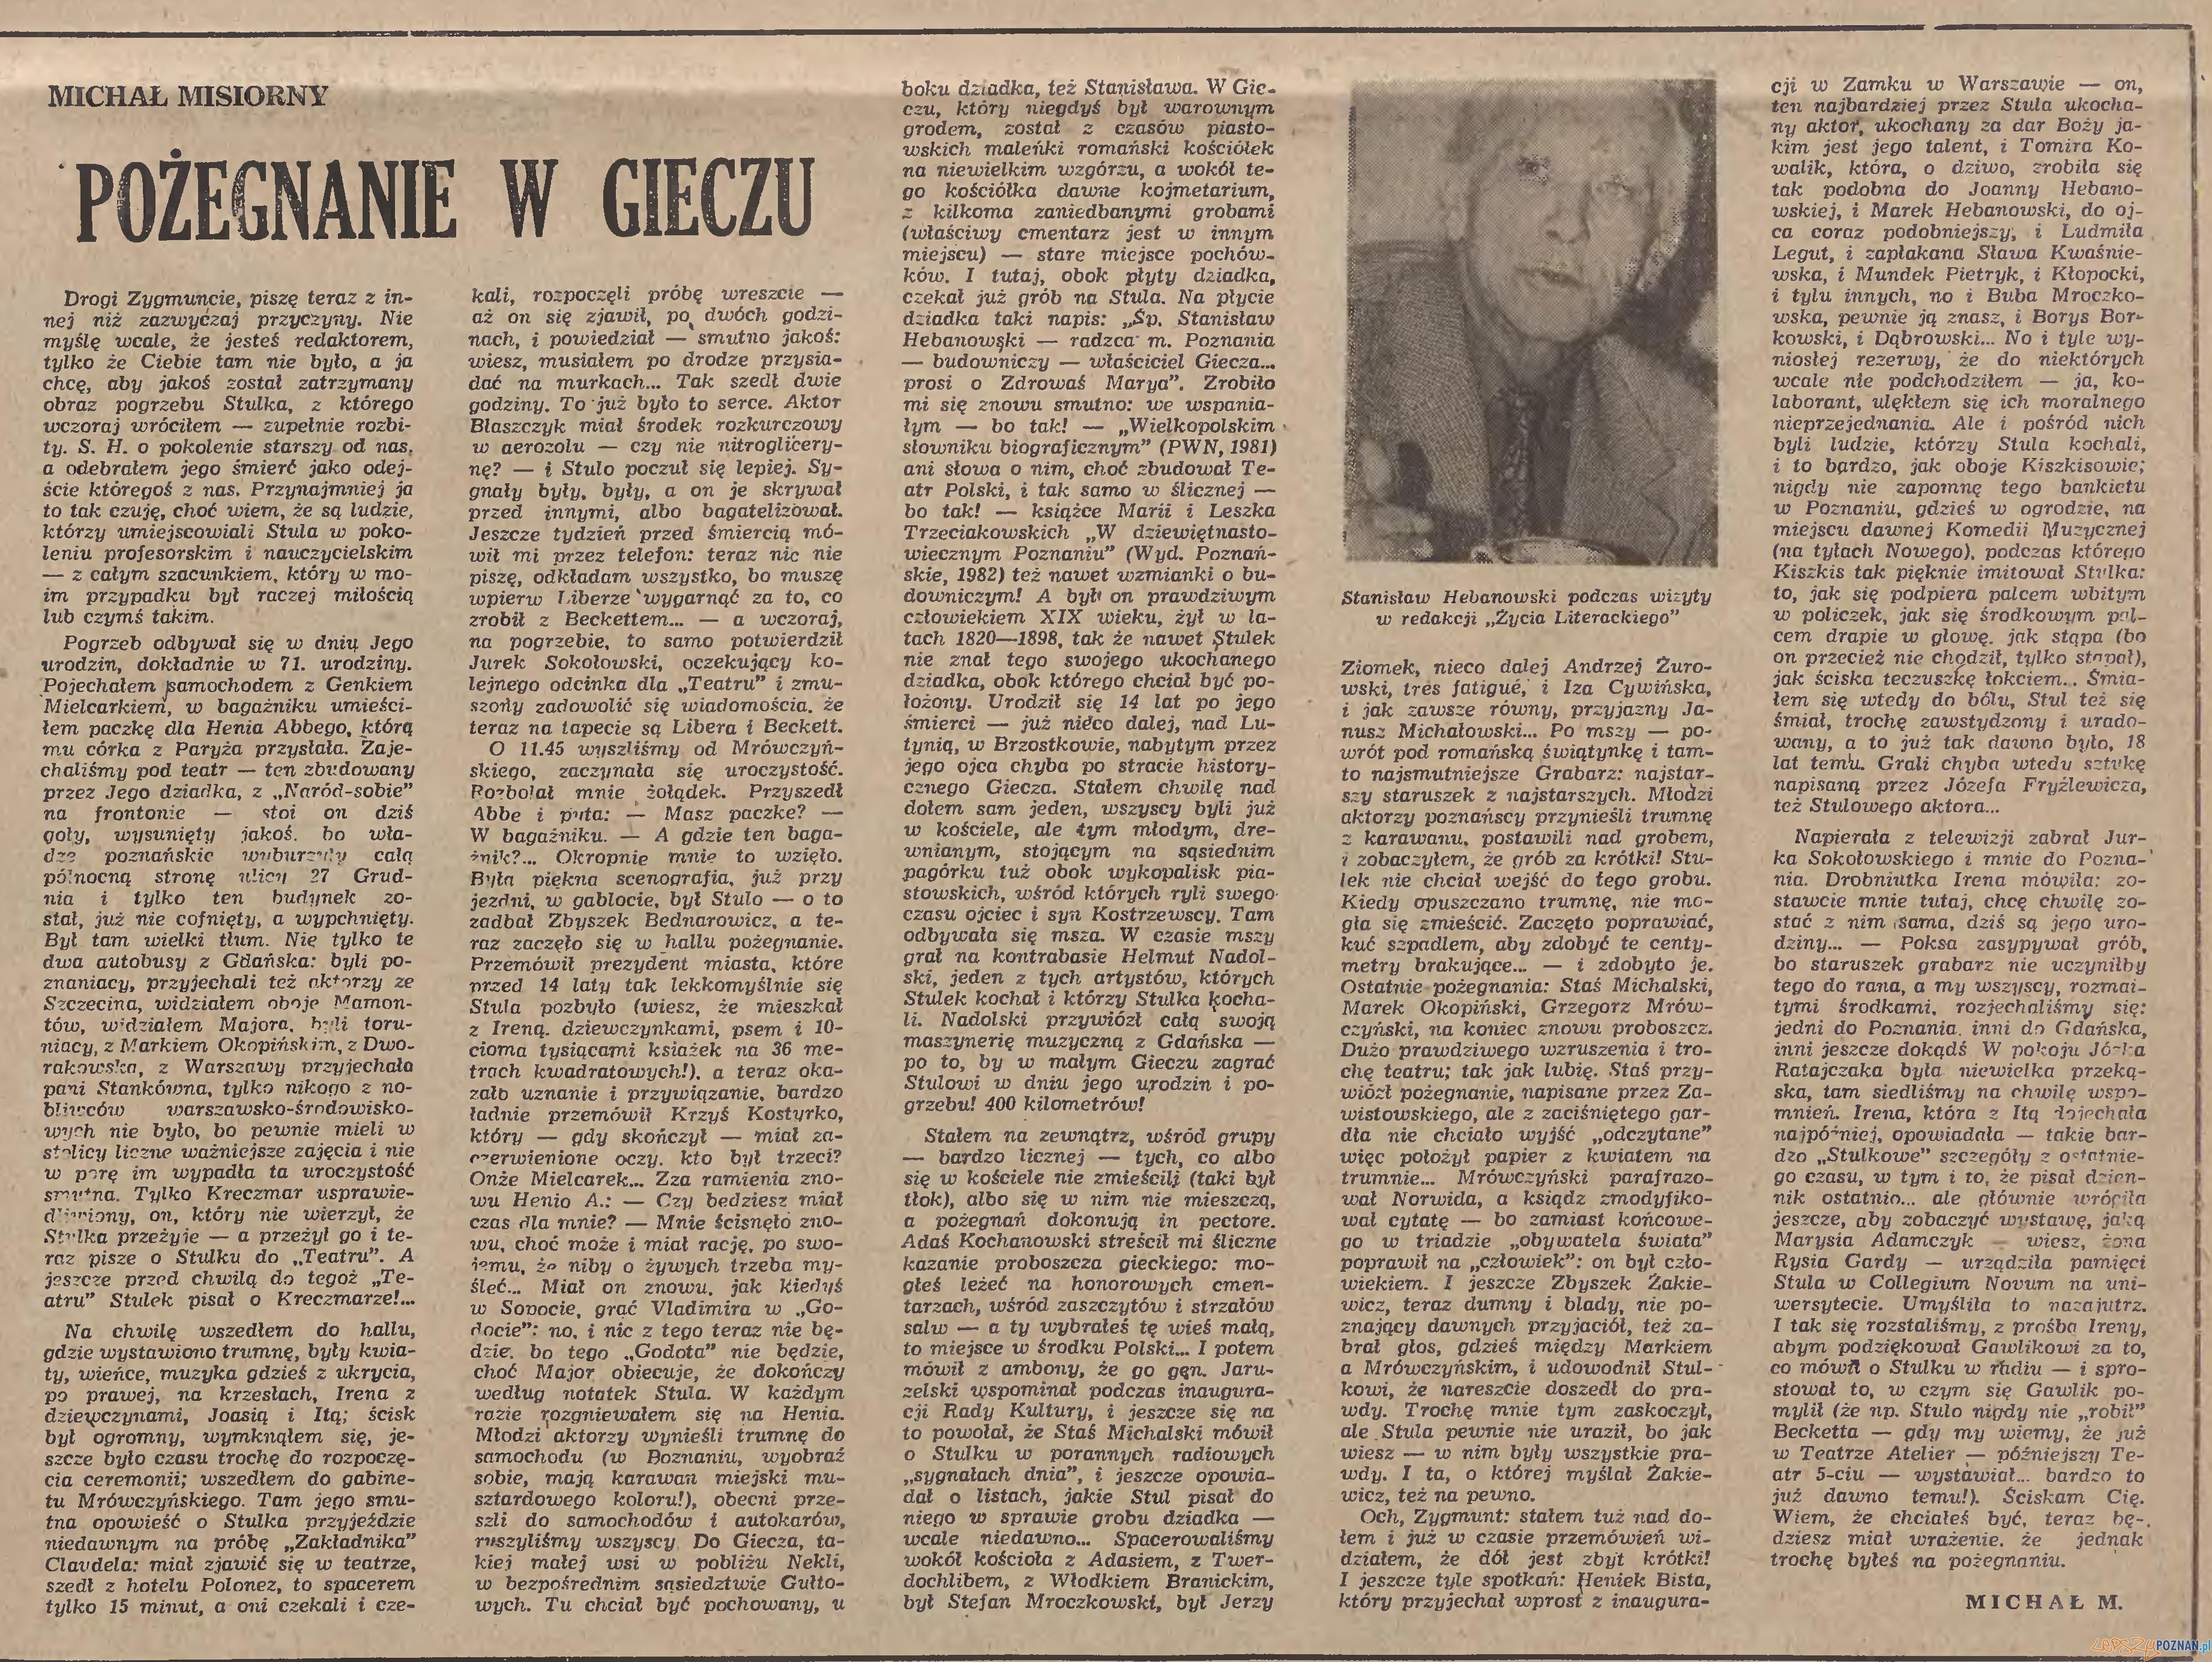 Pożegnanie Hebanowskiego w Życiu Literackim (1983)